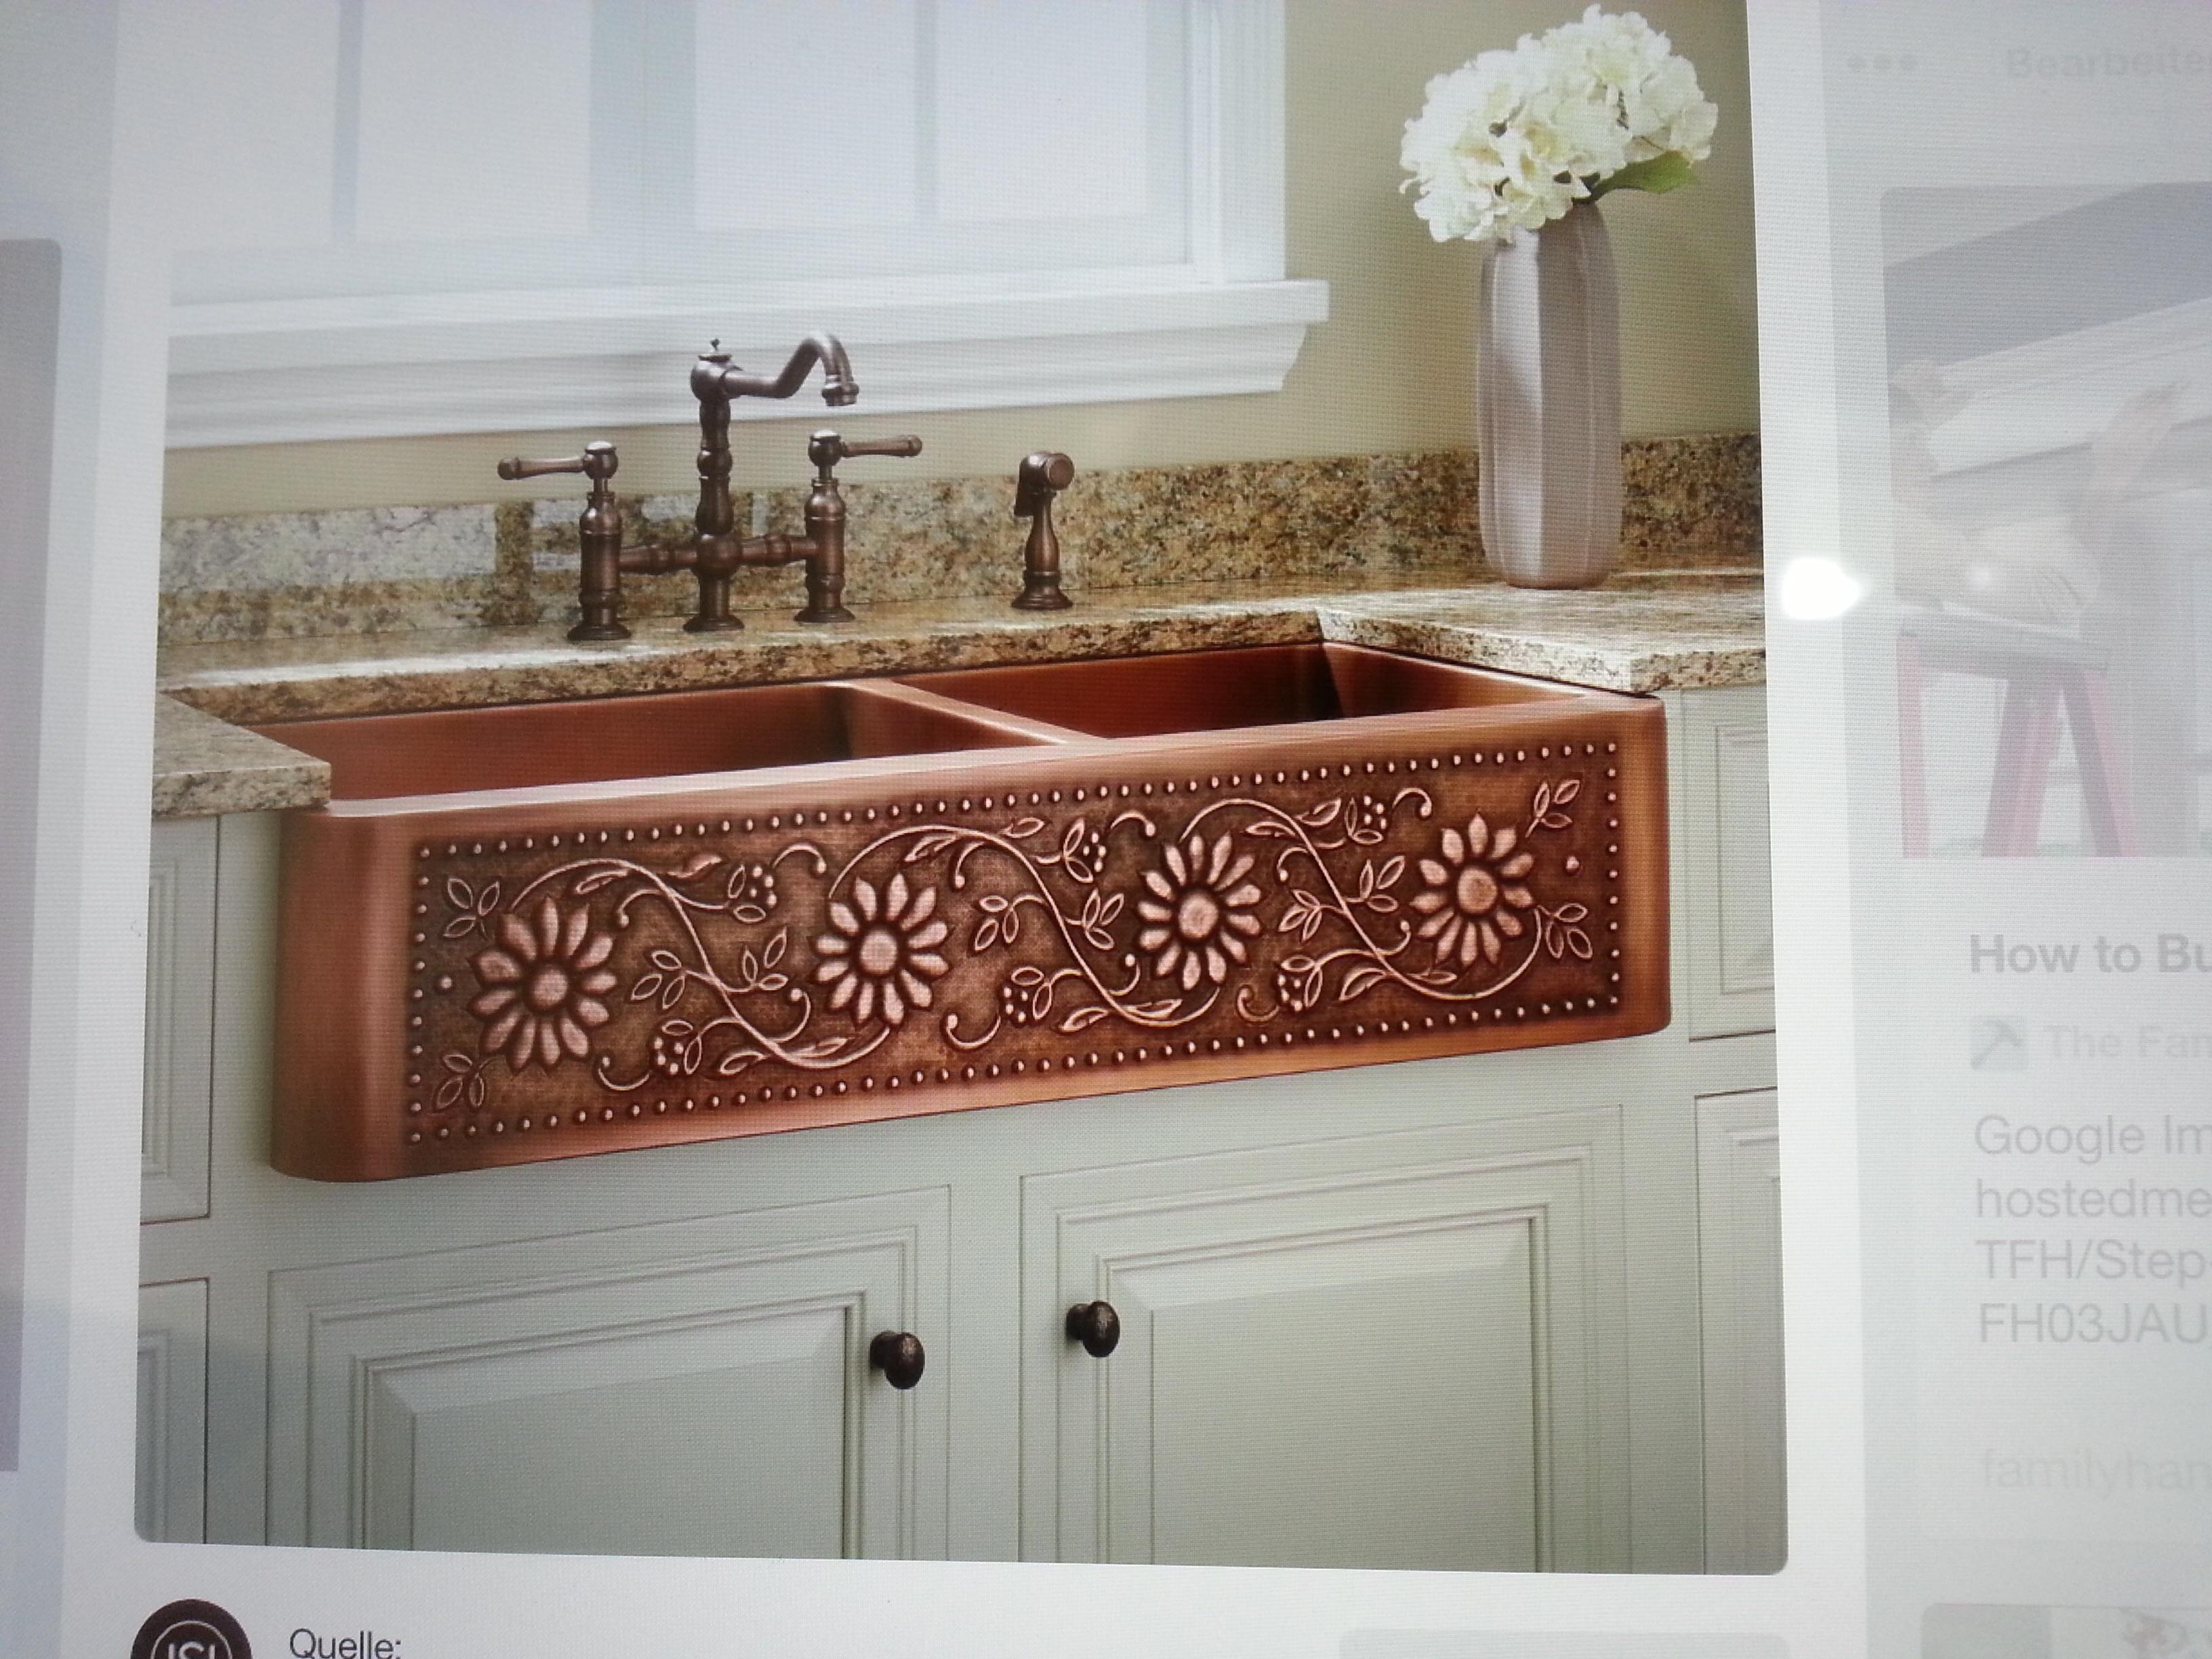 Suche dieses blumenverzierte Waschbecken!? (Wohnung, Küche, Einrichtung)